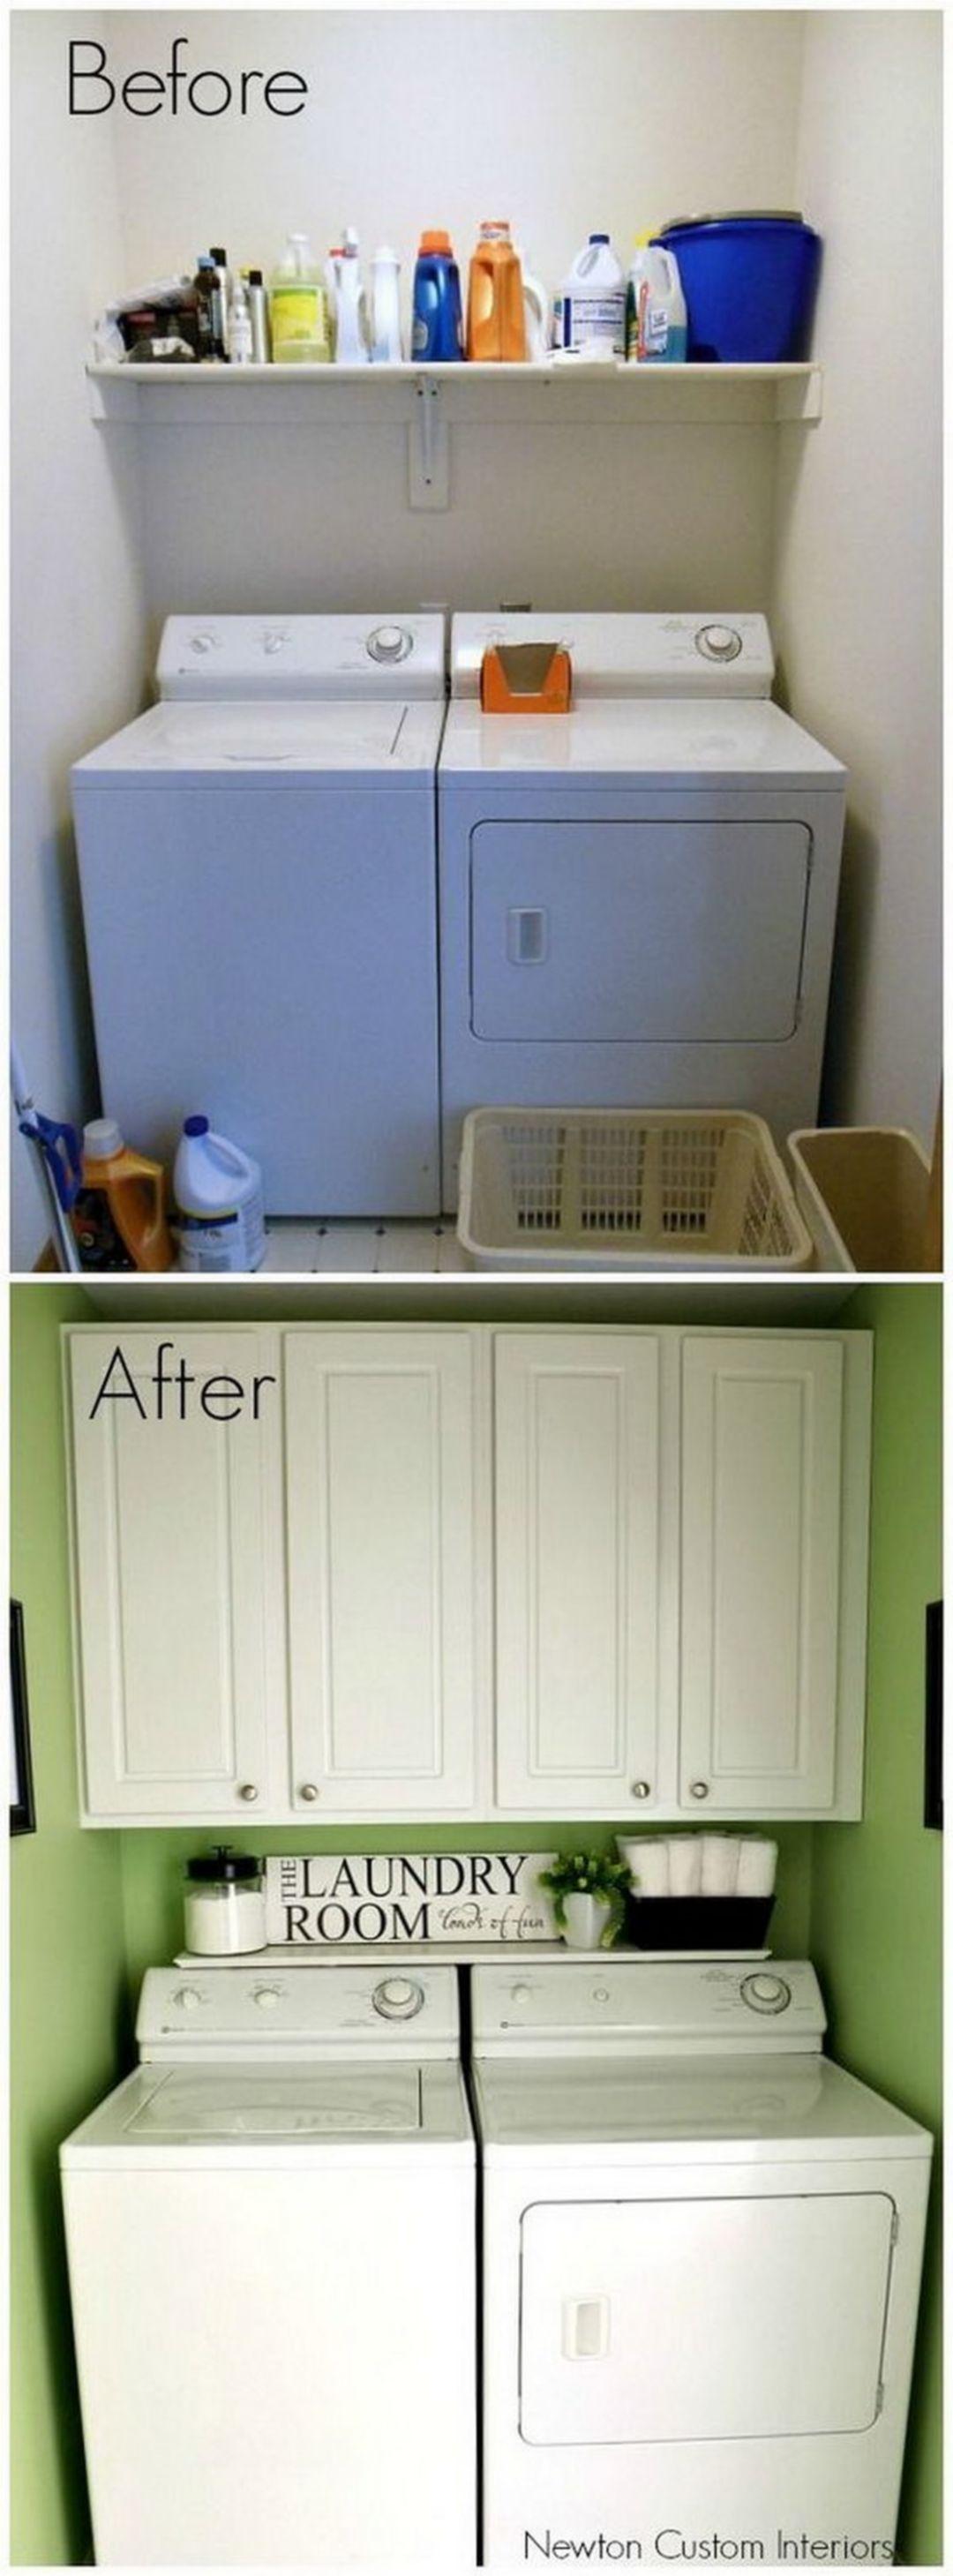 Photo of Top 25 kleine Waschküche Makeovers Ideen mit vor und nach dem Bild